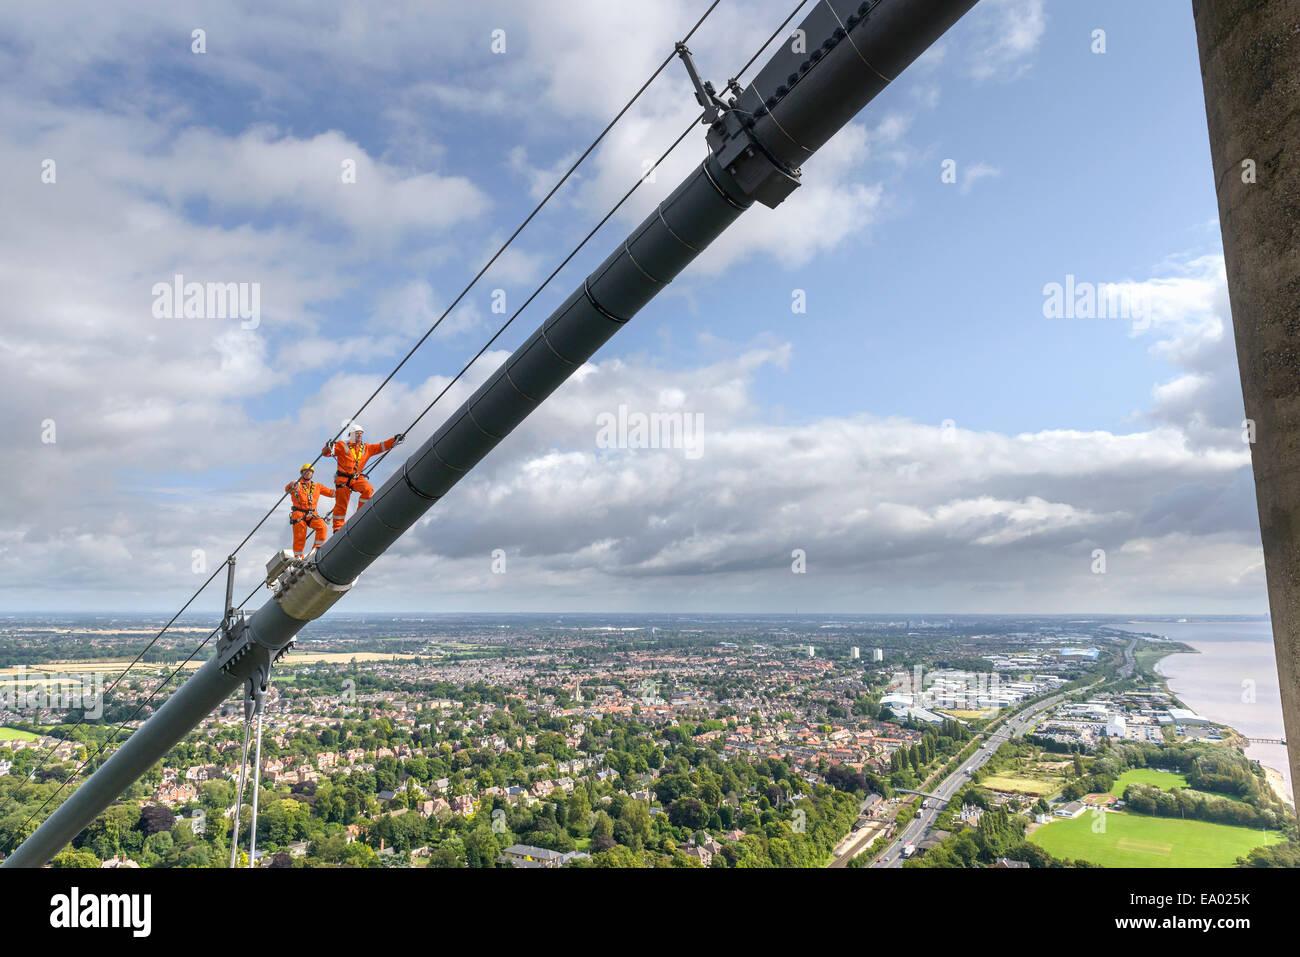 Lavoratori a ponte a piedi sul cavo di sospensione ponte Humber Bridge Regno Unito è stato costruito in 1981 Immagini Stock